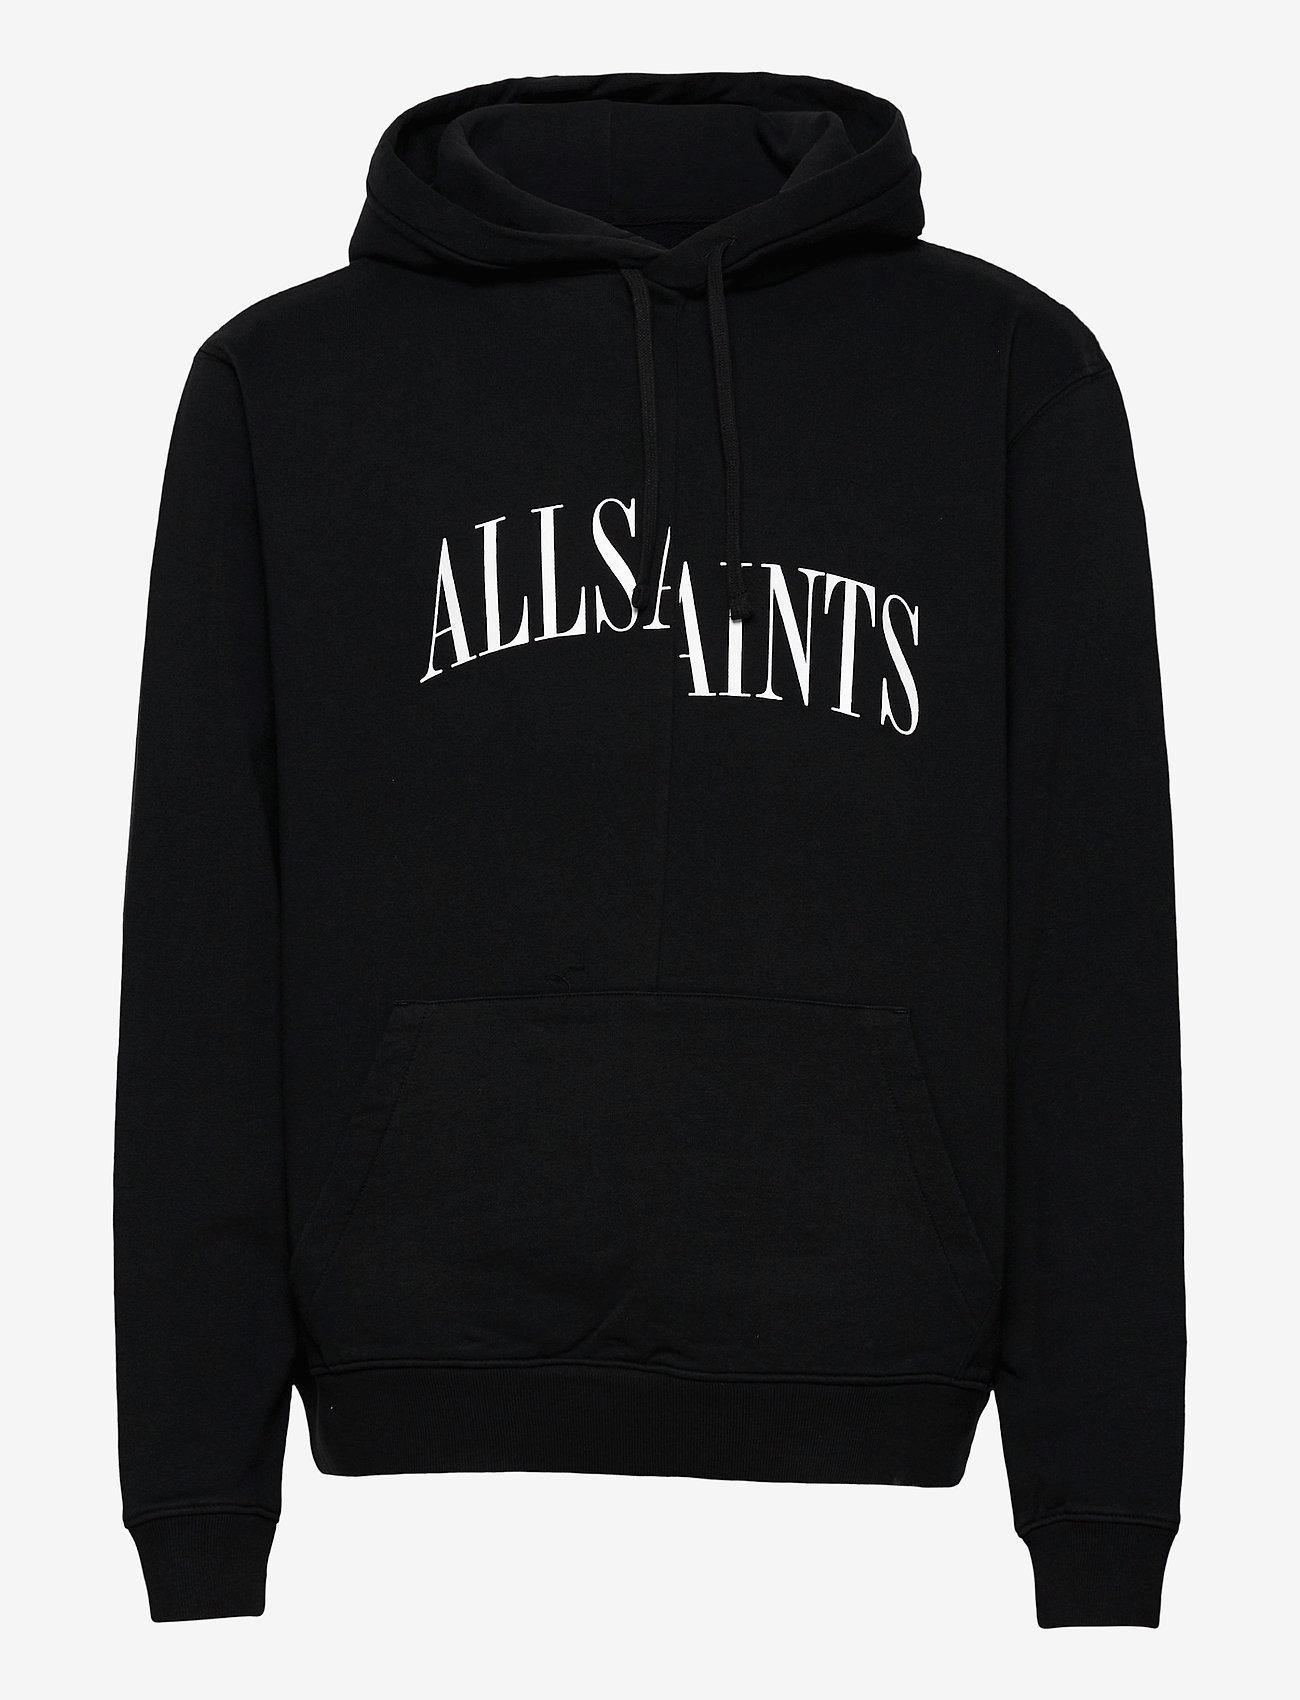 AllSaints DROPOUT OTH HOODY - Sweatshirts JET BLACK - Menn Klær